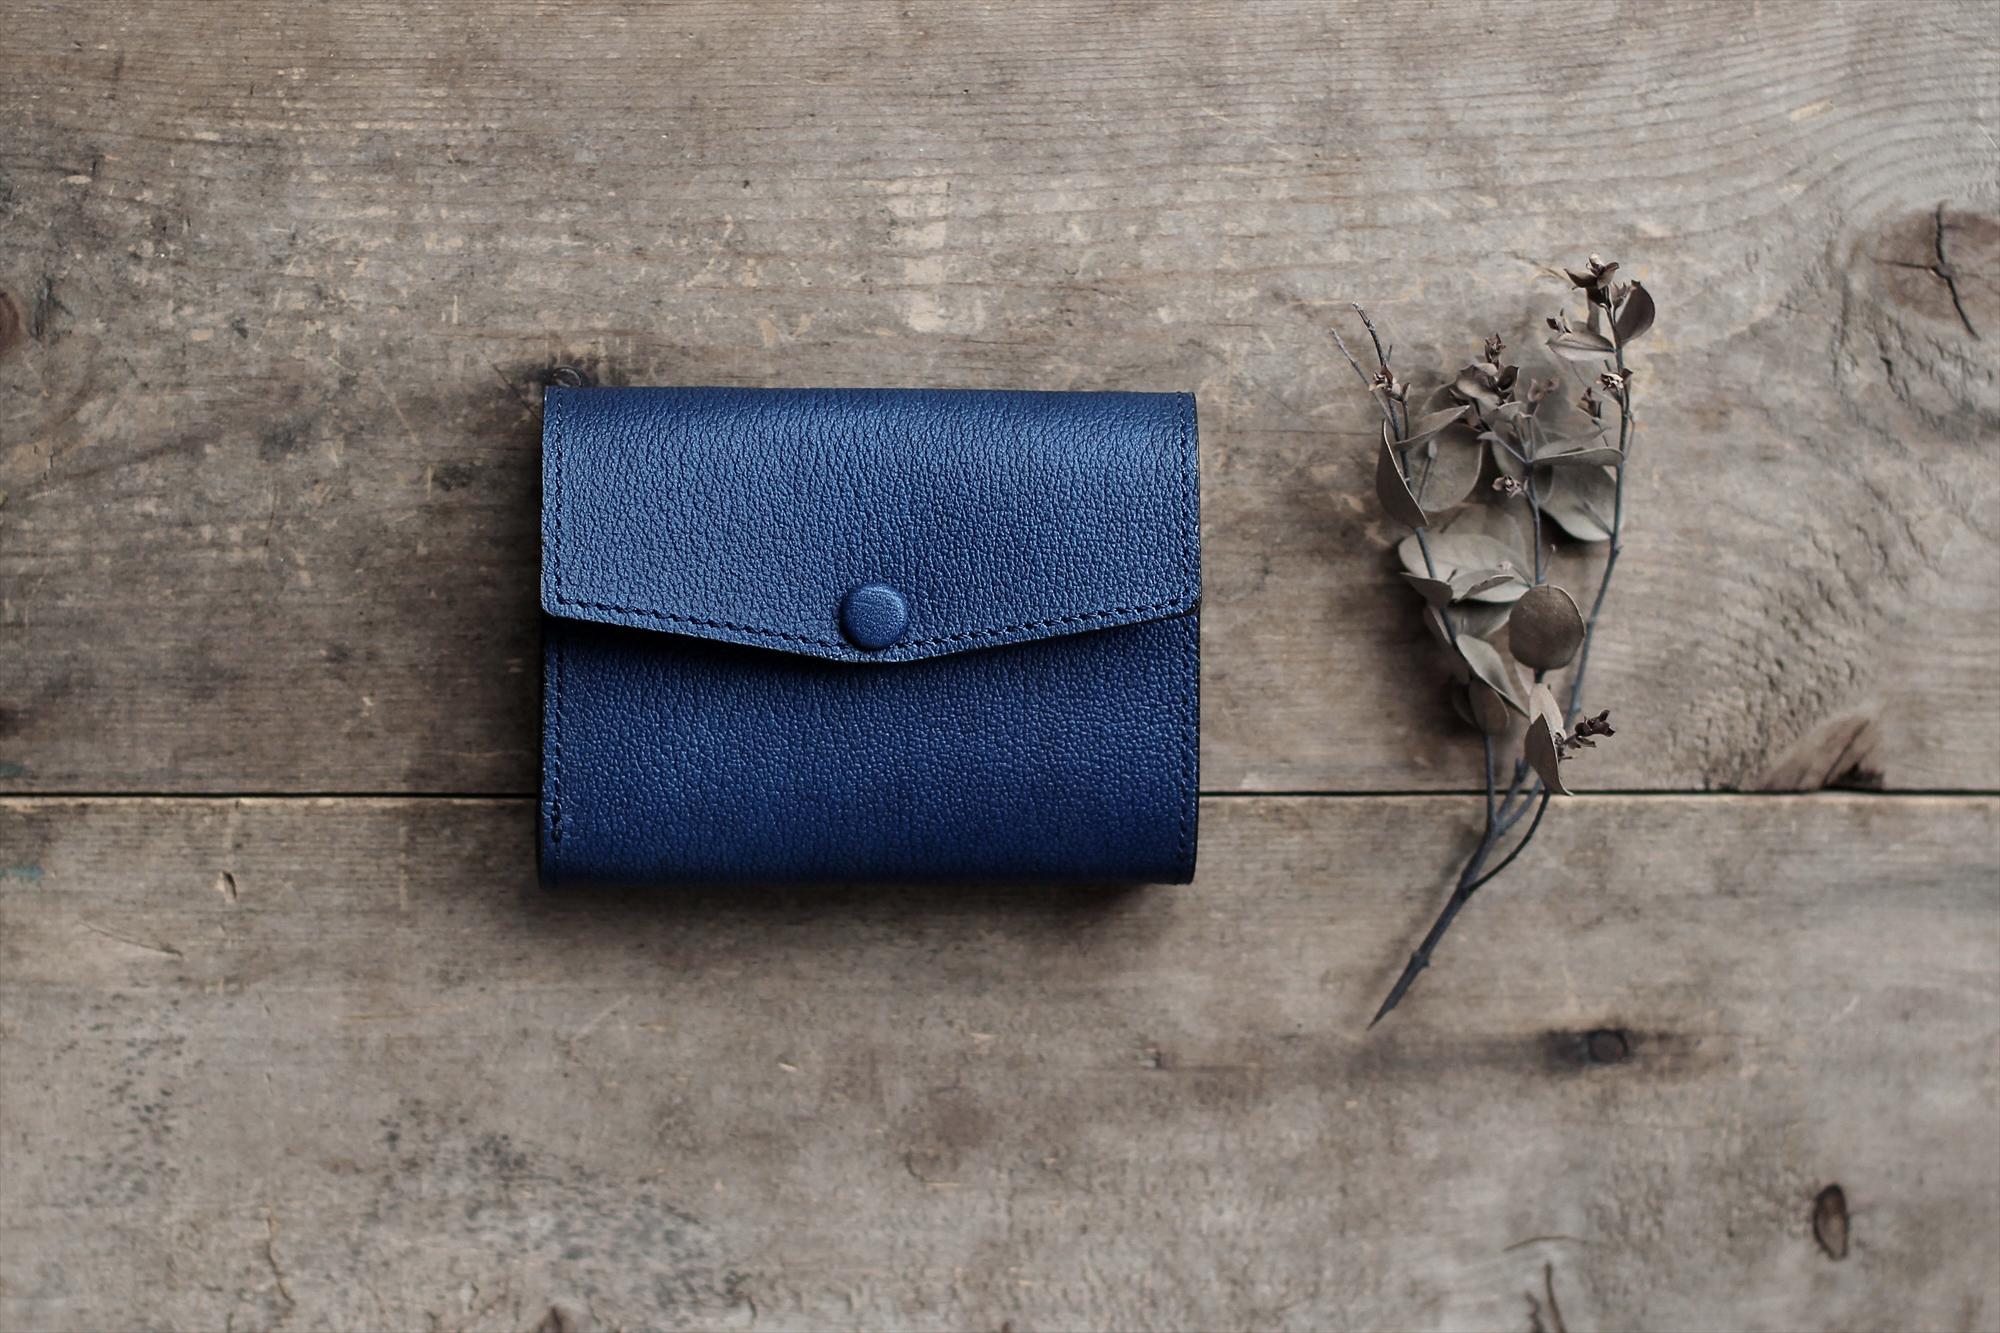 藍染革[shiboai] コンパクトミニ財布